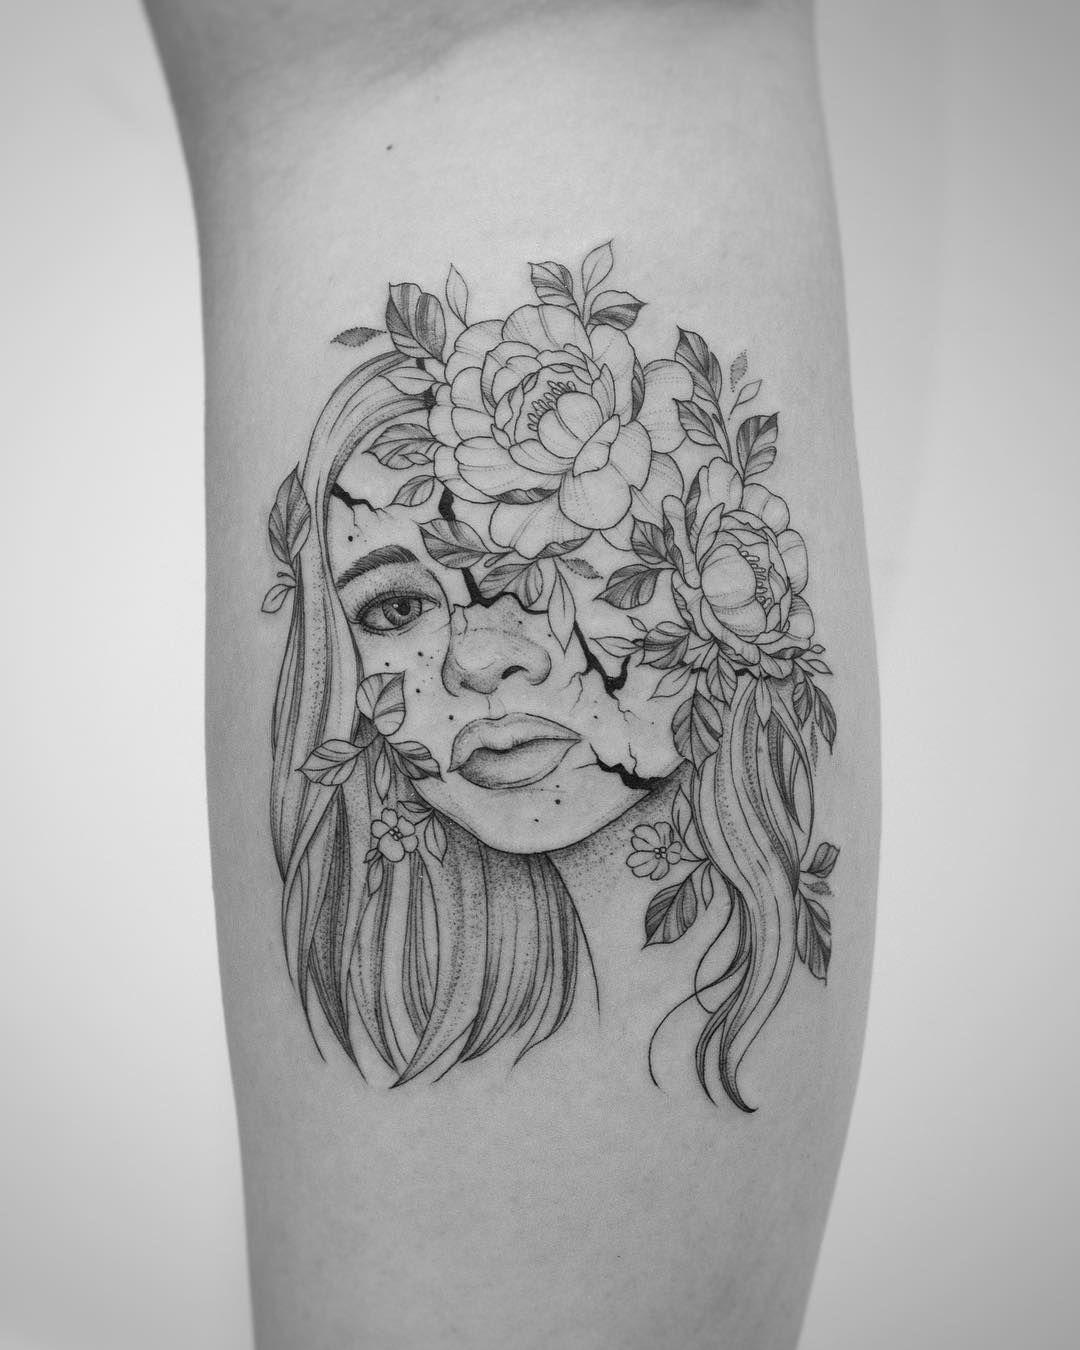 Fine Line Tattoo By Jessica Joy Artwoonz Tattoo Artwoonz Fine Line Tattoos Line Tattoos Tattoos